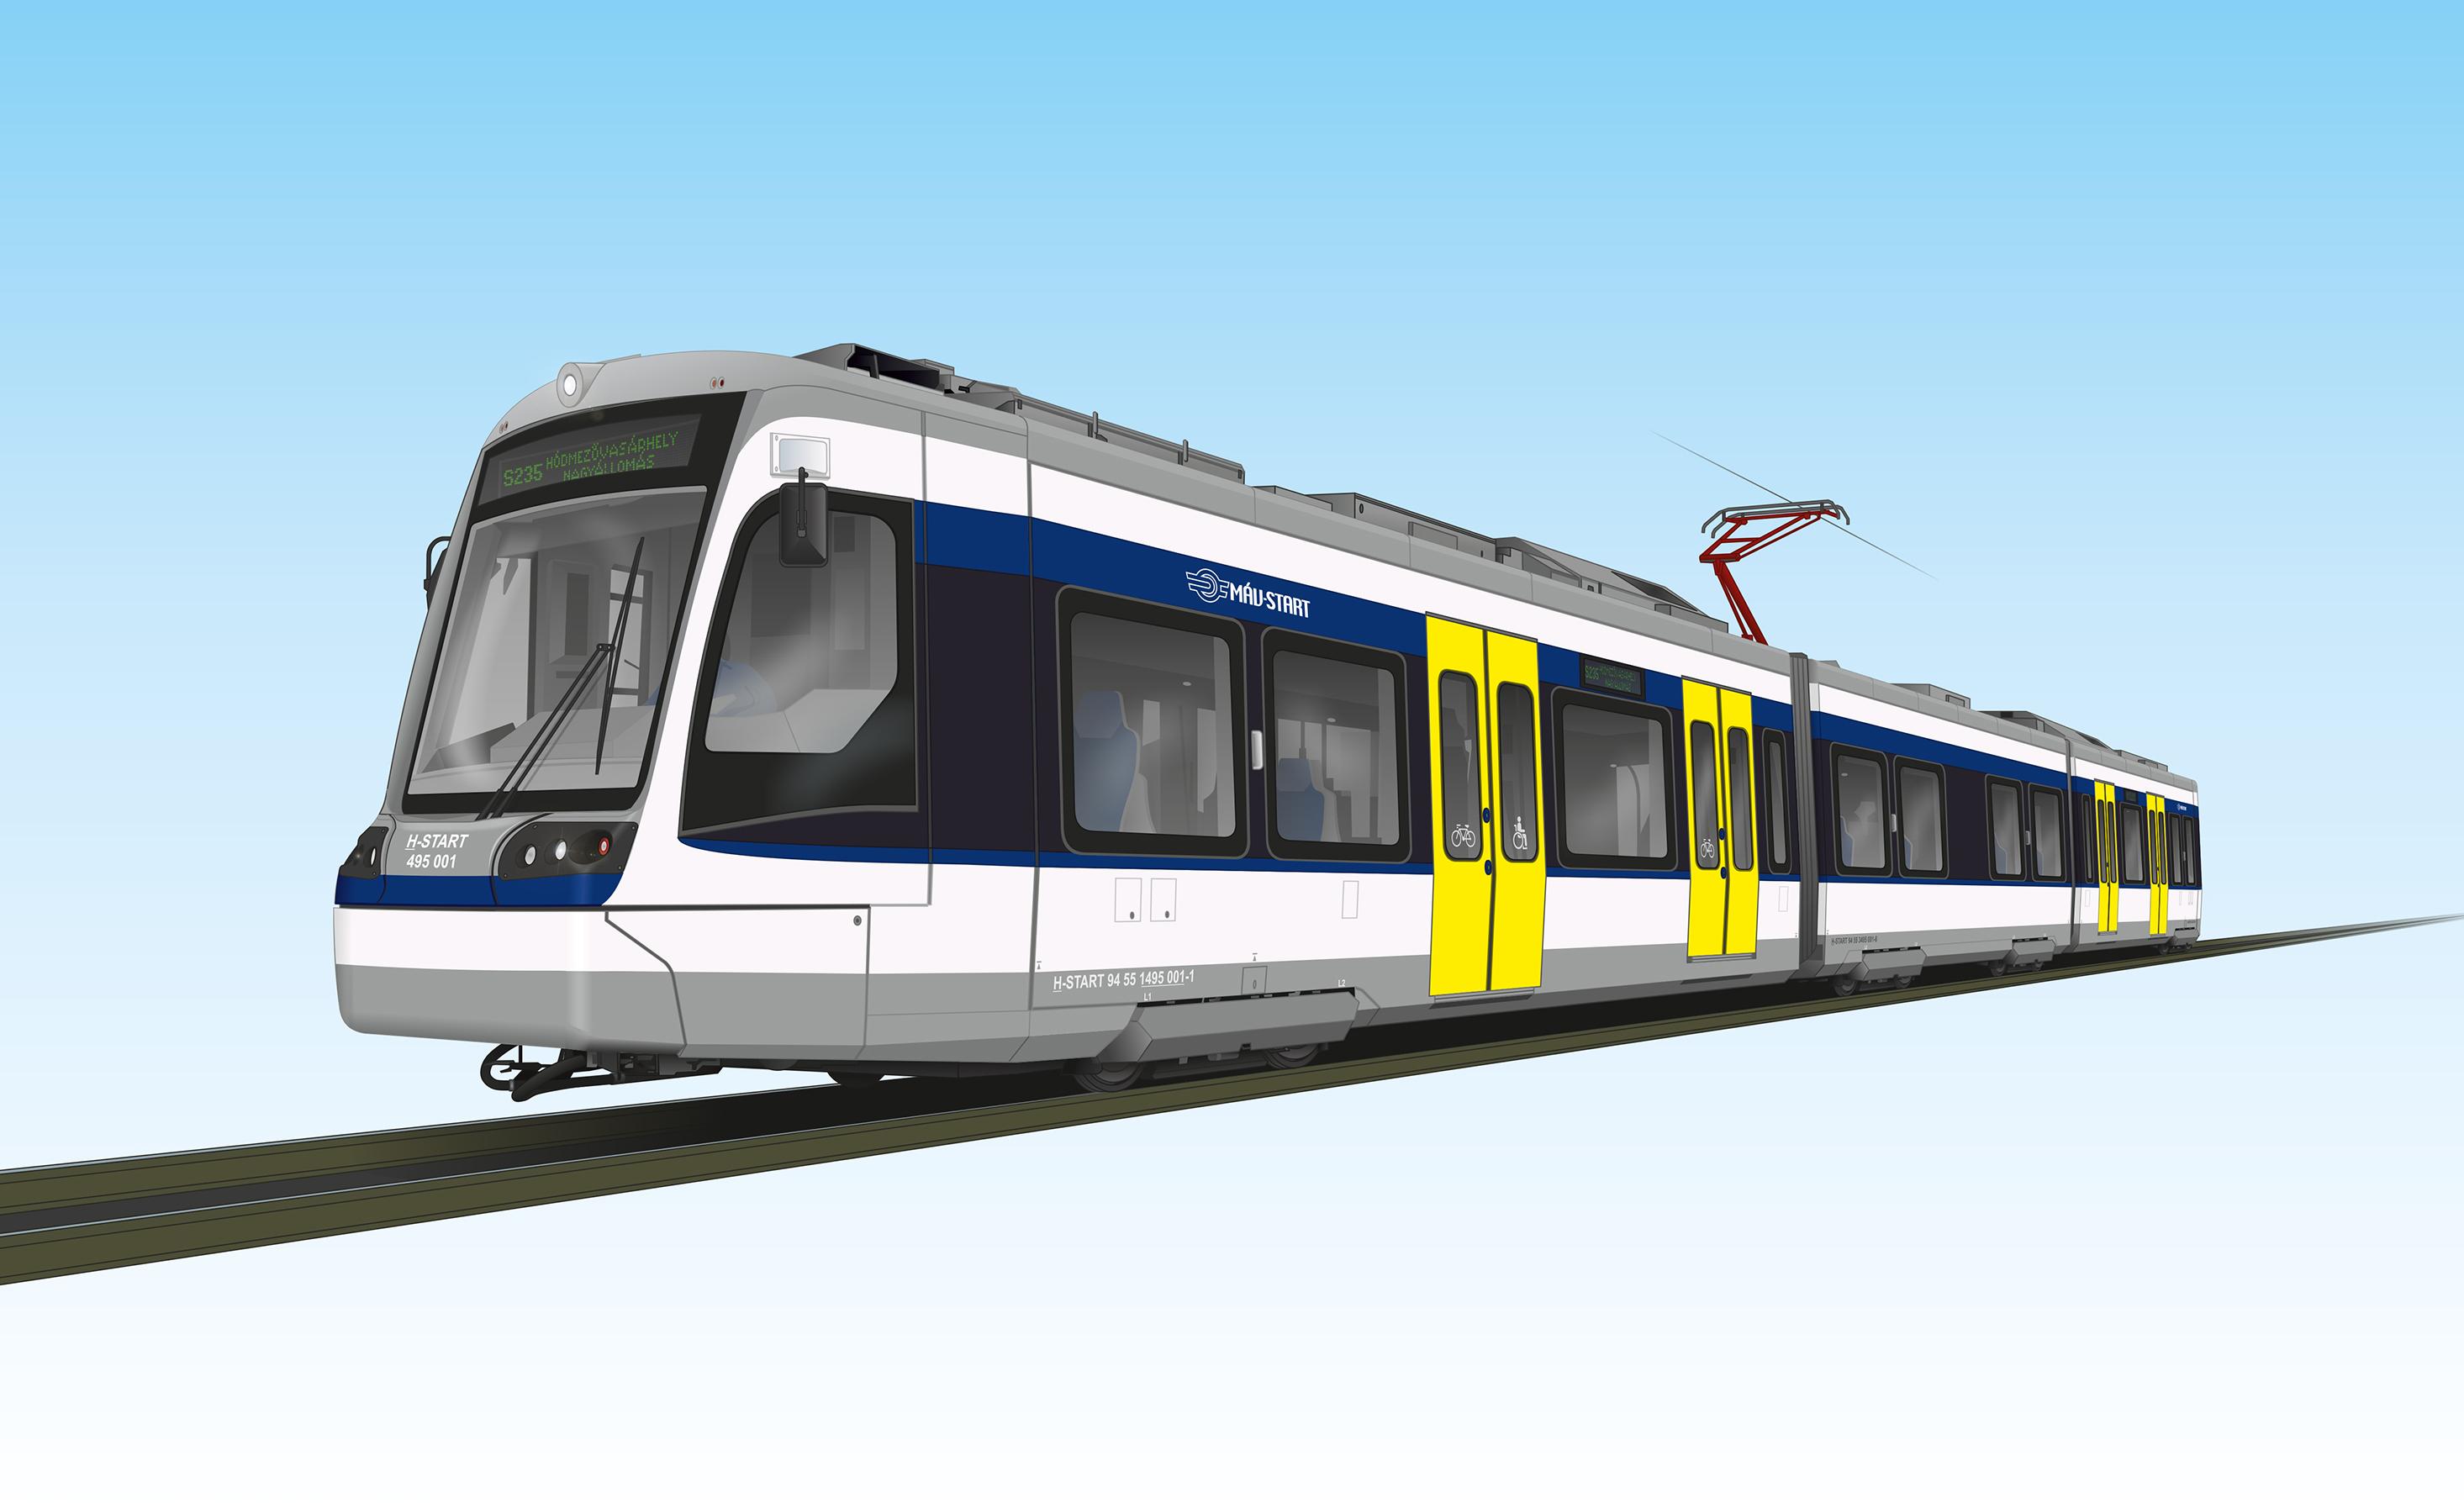 tram train jármű